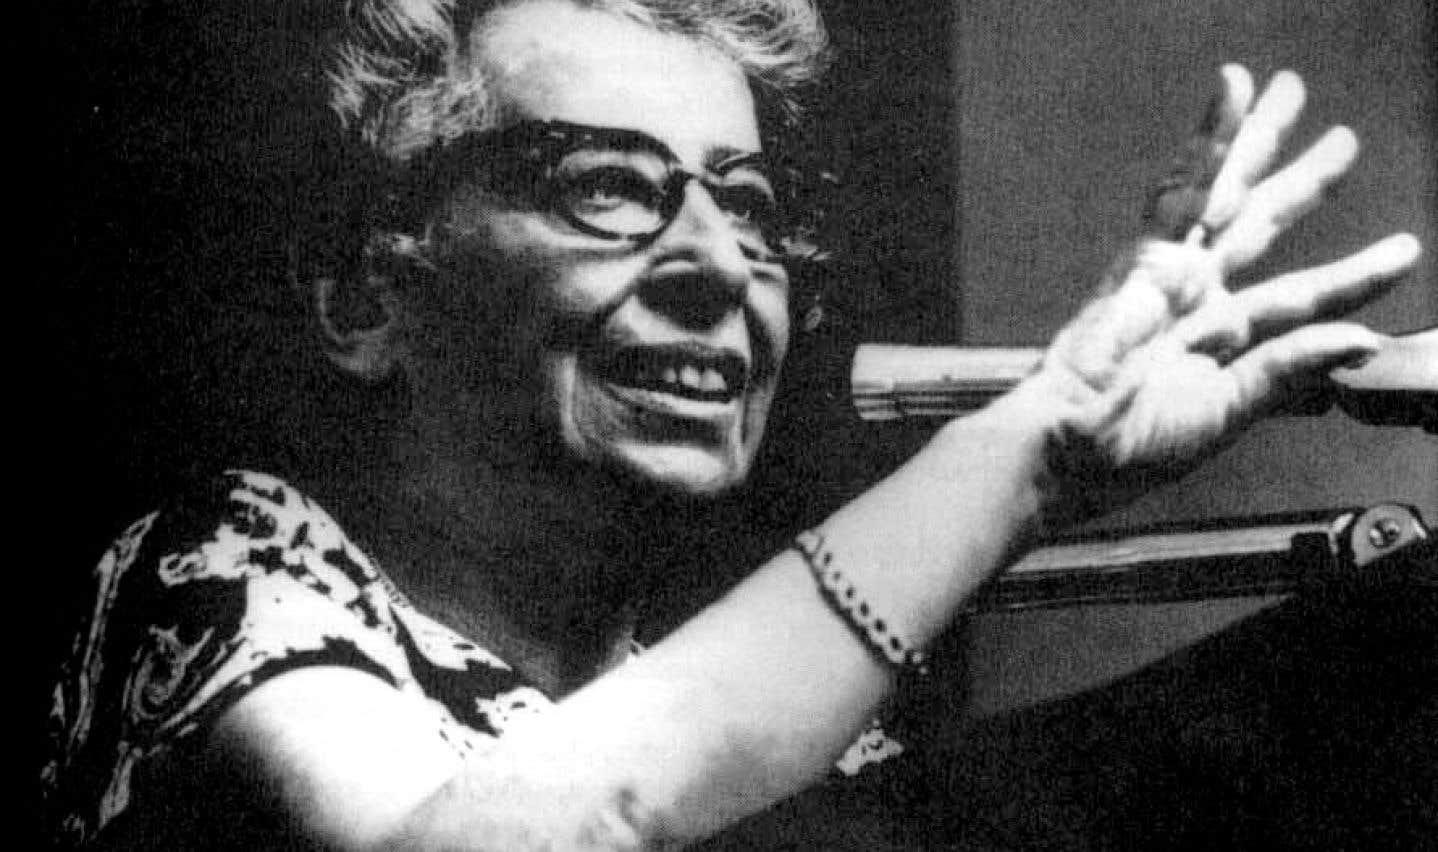 Femmes en philosophie: enseigner et briser le plafond de verre